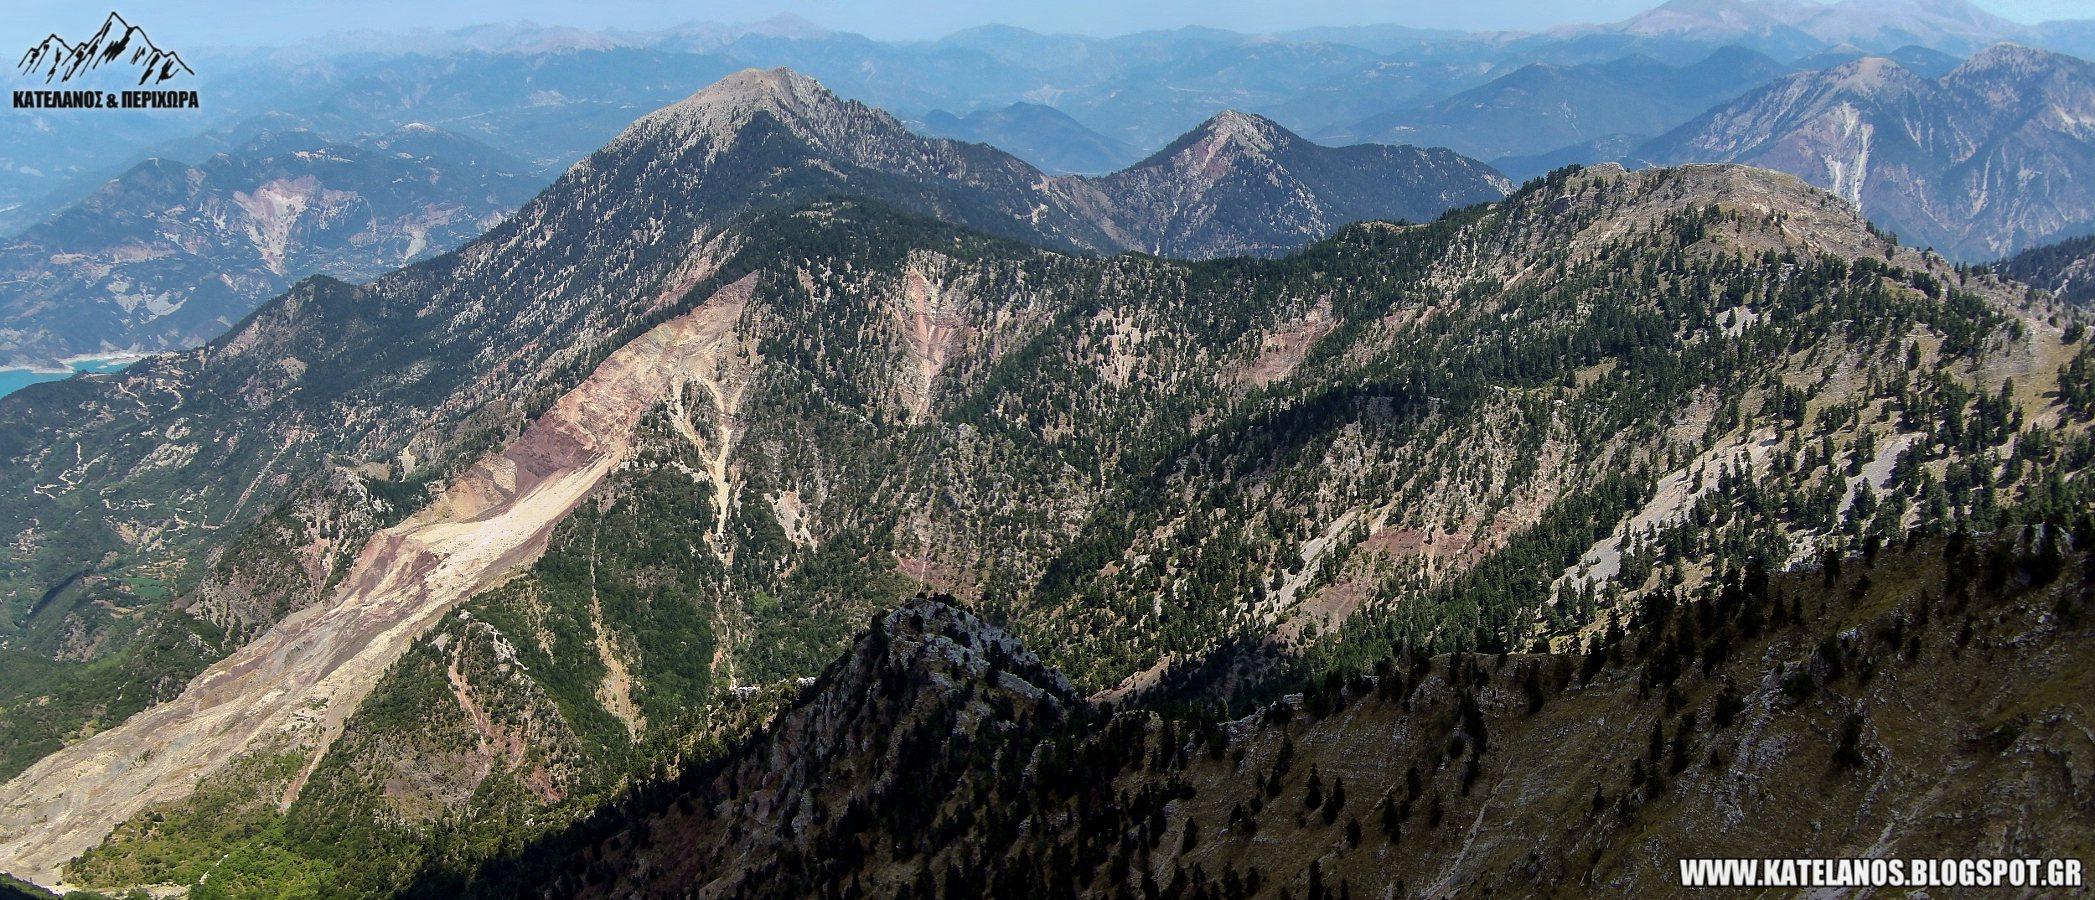 βουνα χουνης αιτωλοακαρνανιας φρυας τσοκα κατολισθηση παλιοχουνη